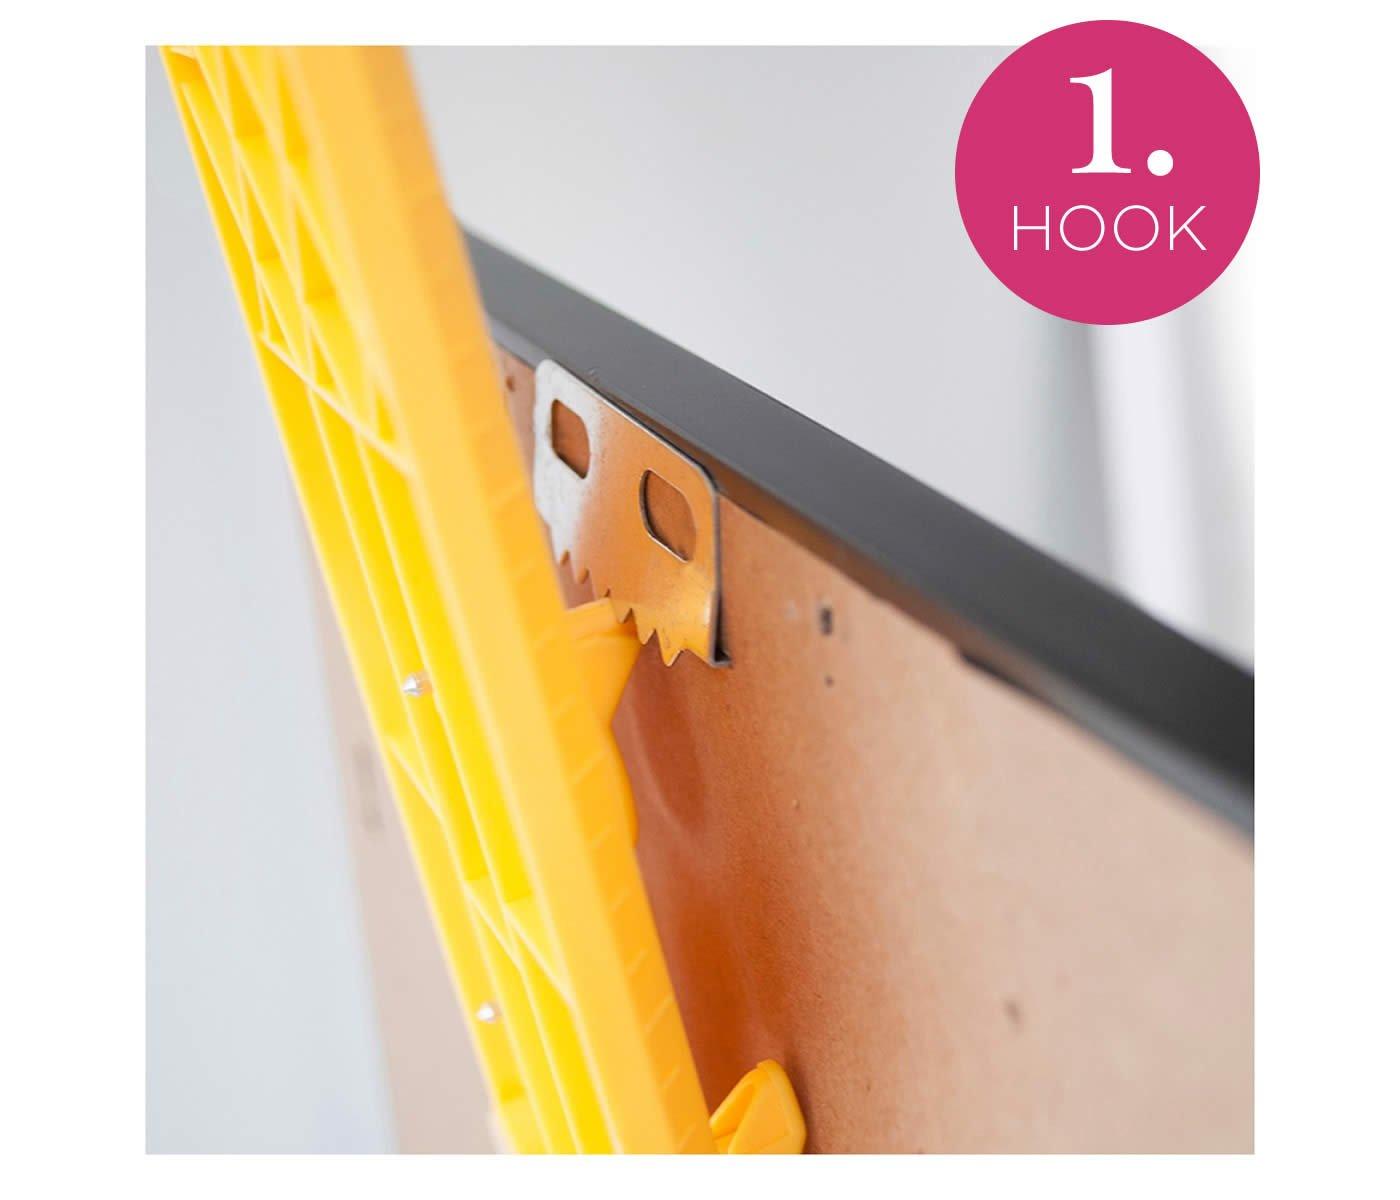 1-hook